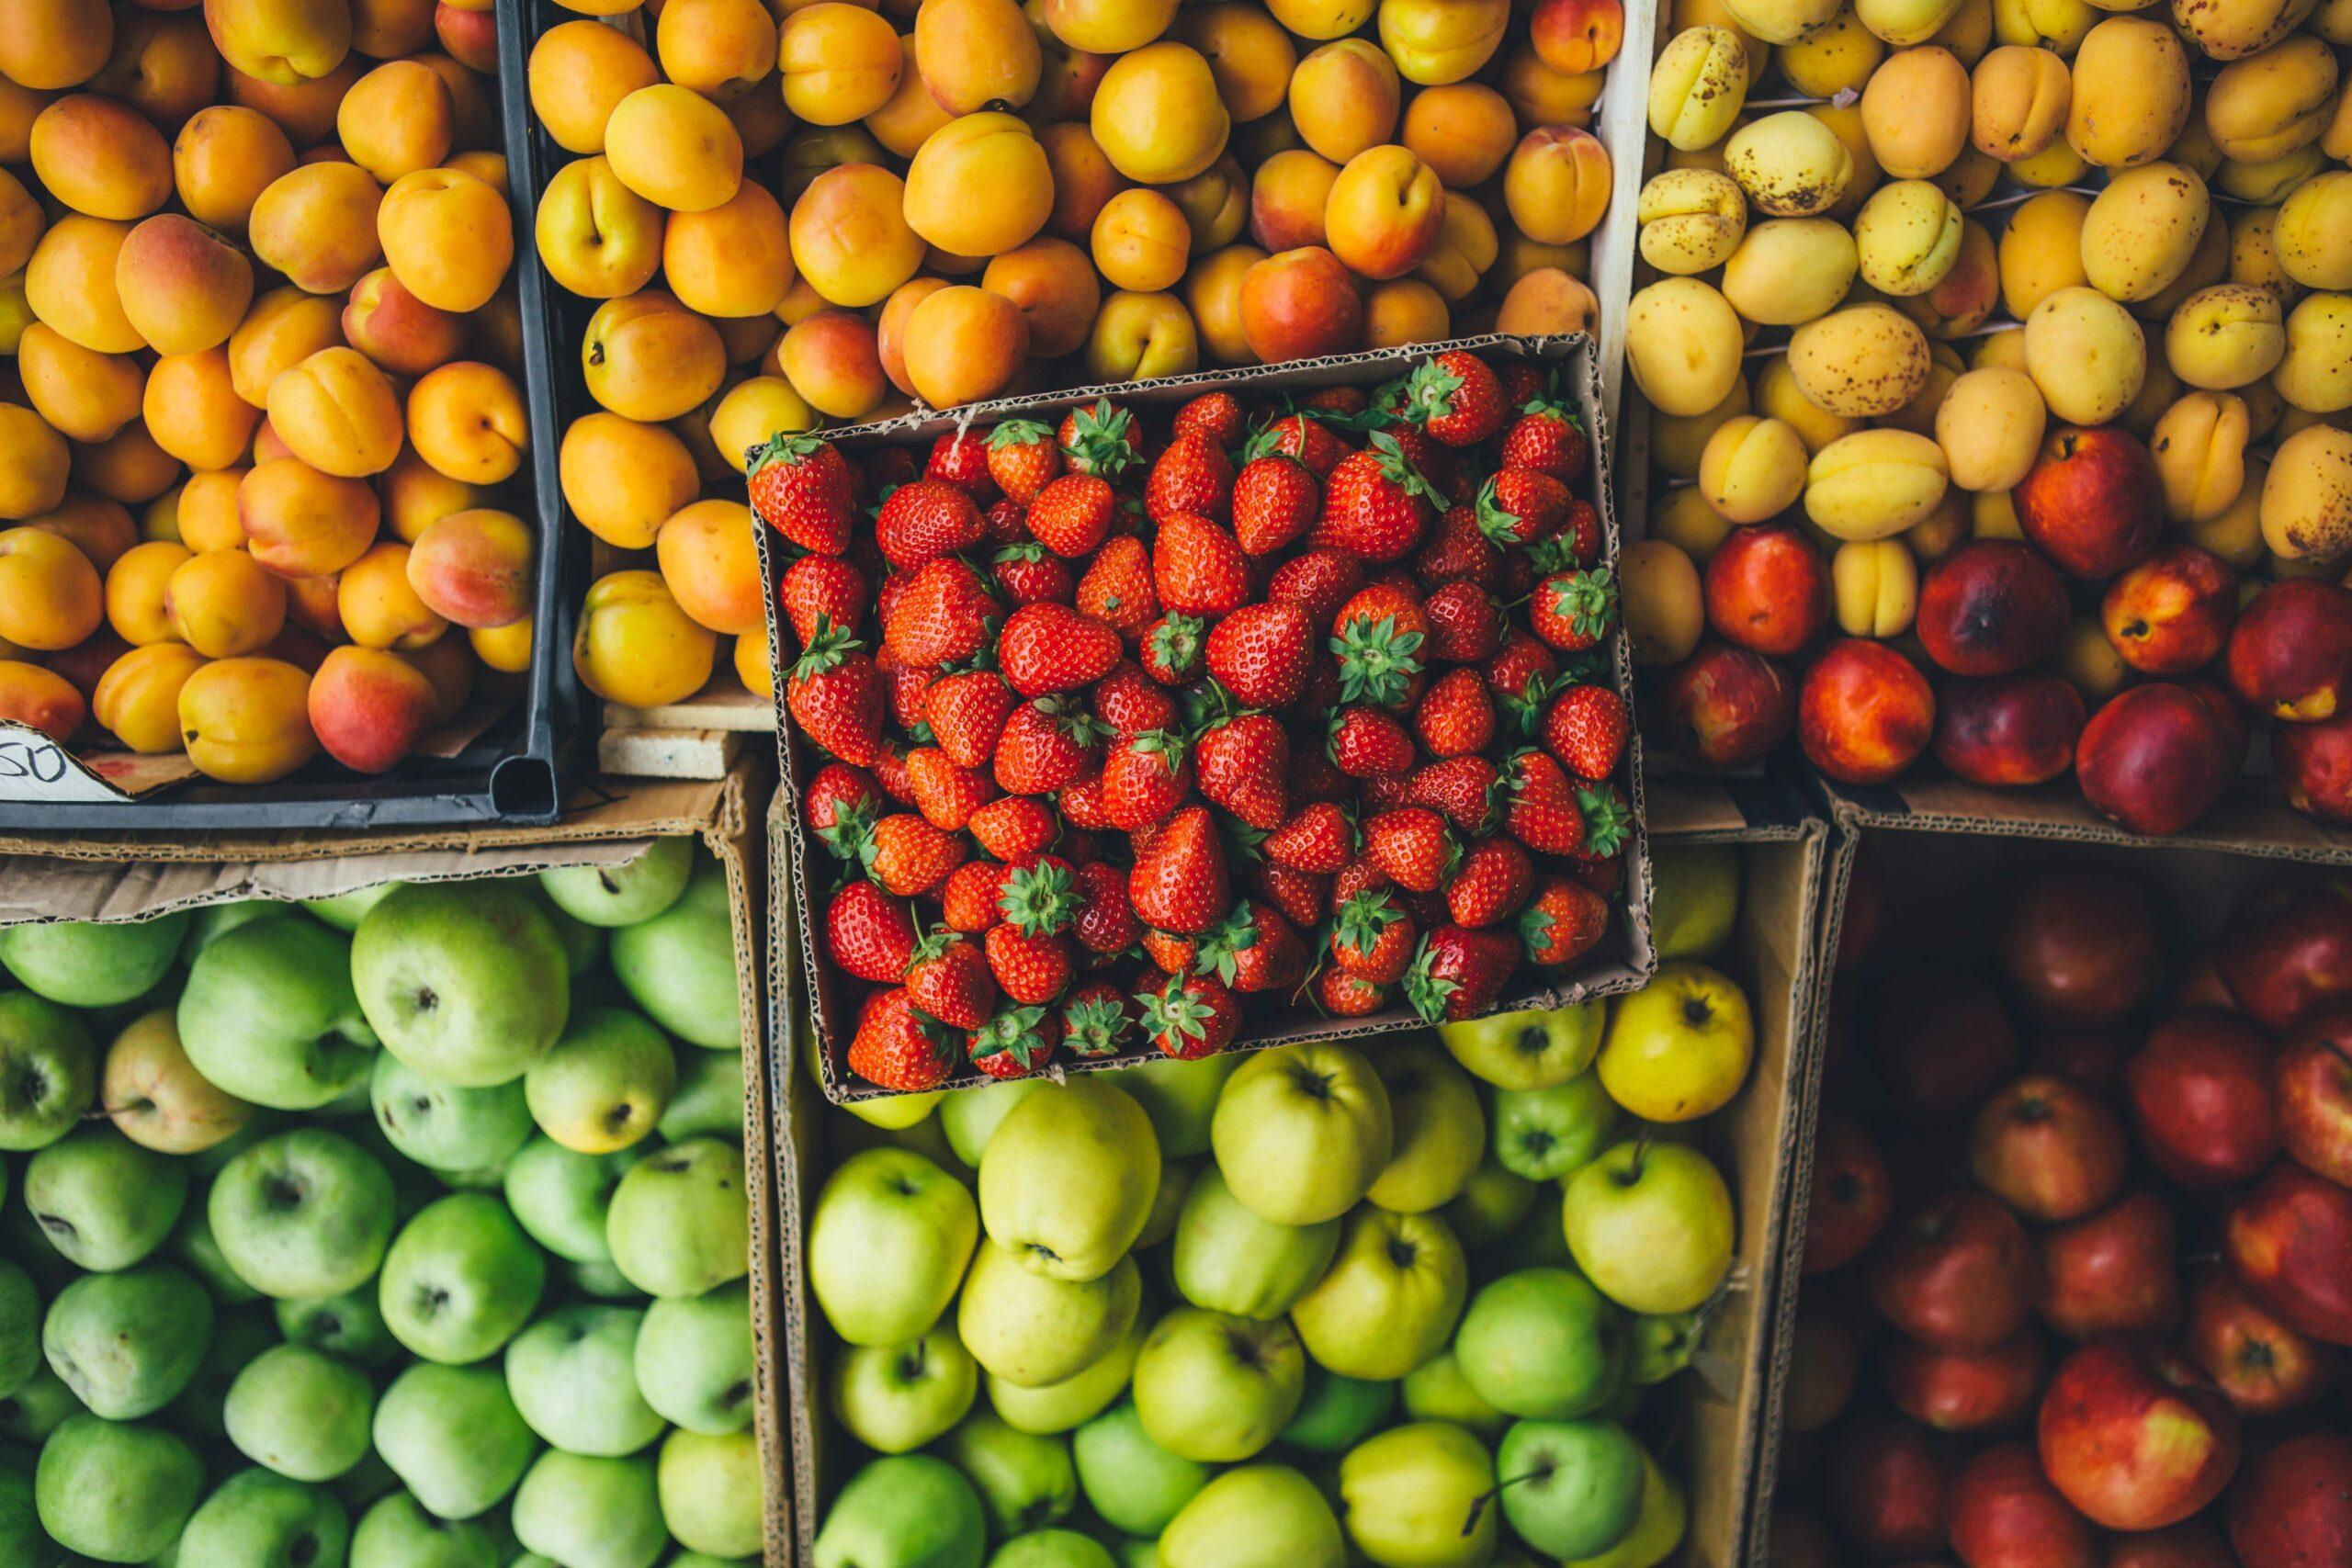 אסור להוציא פירות הקדושים בקדושת שביעית מארץ ישראל לחוצה לארץ.